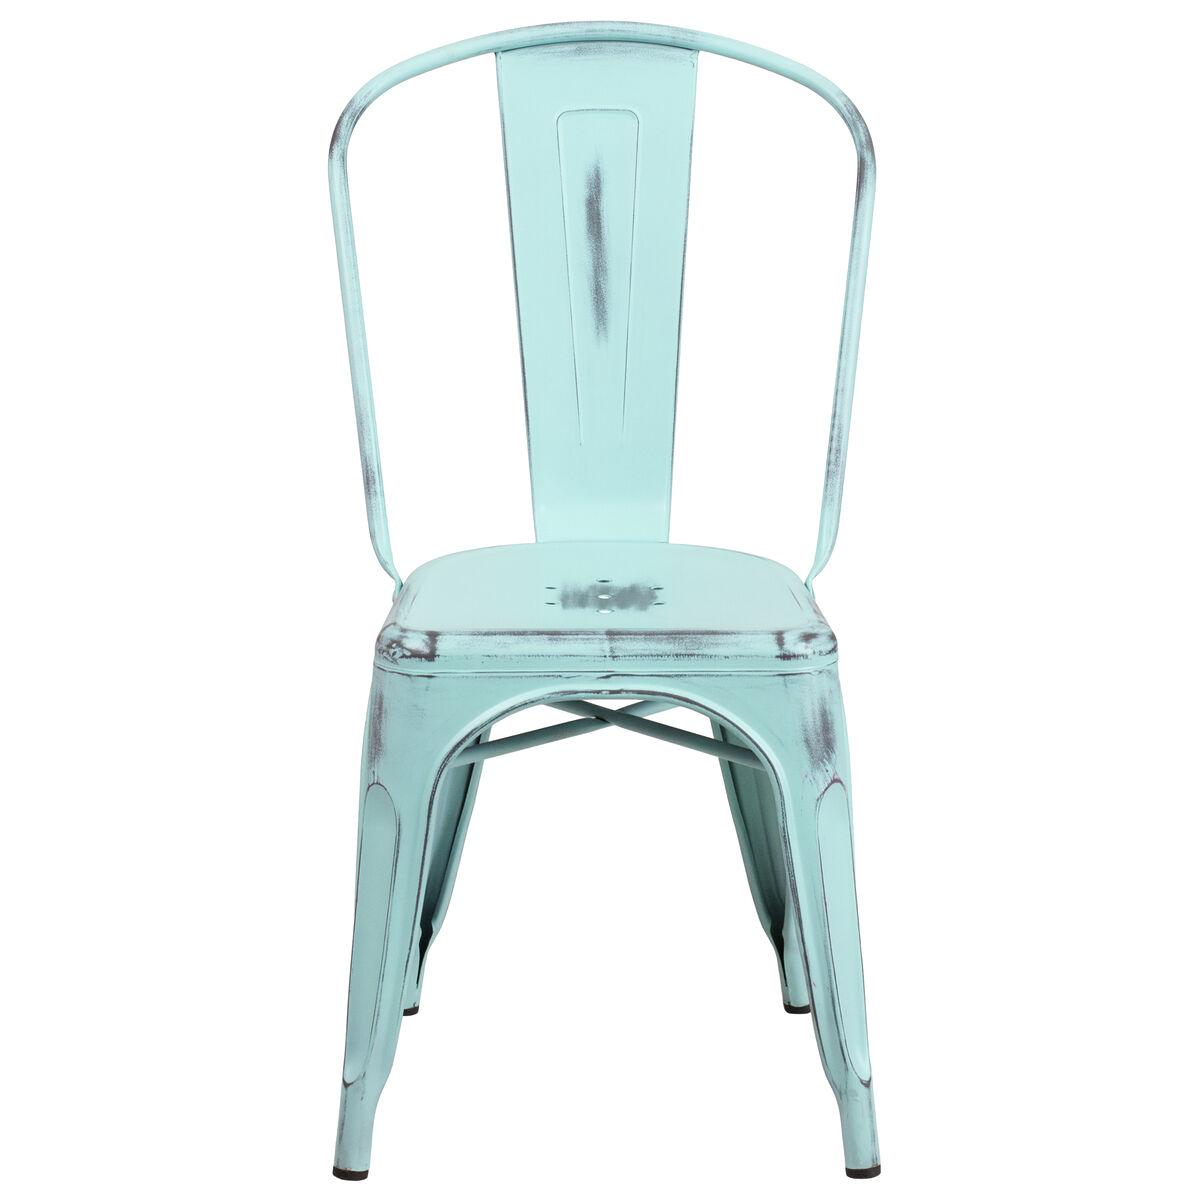 Distressed Green Blue Metal Indoor Outdoor Stackable Chair